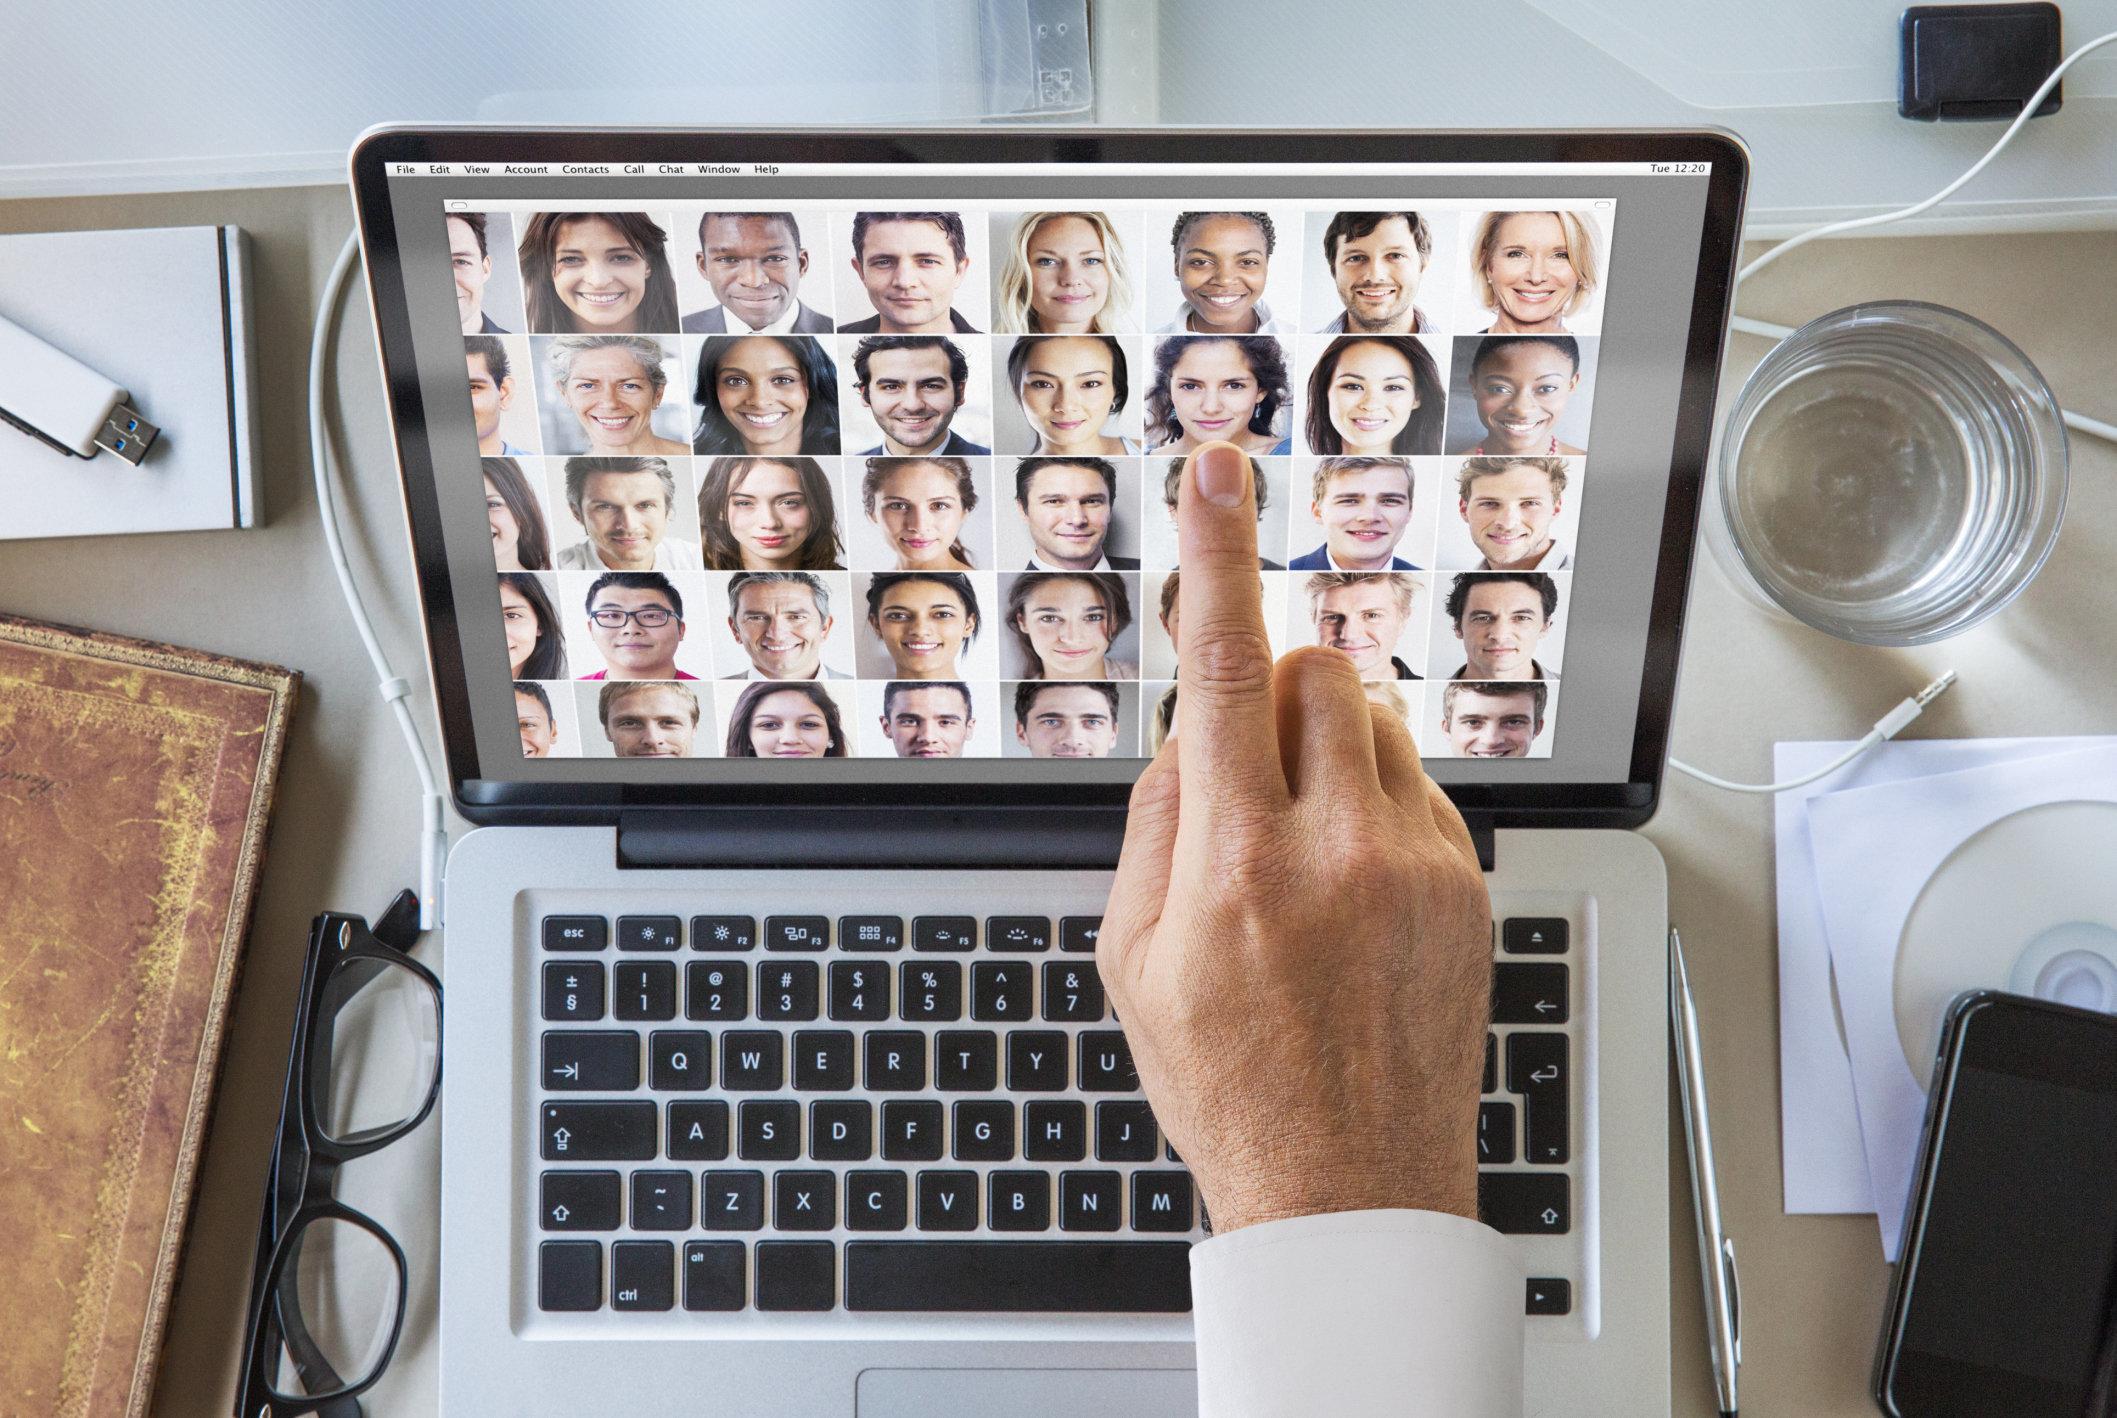 Dating Tips - Matchcom - Online Dating Tips for Men